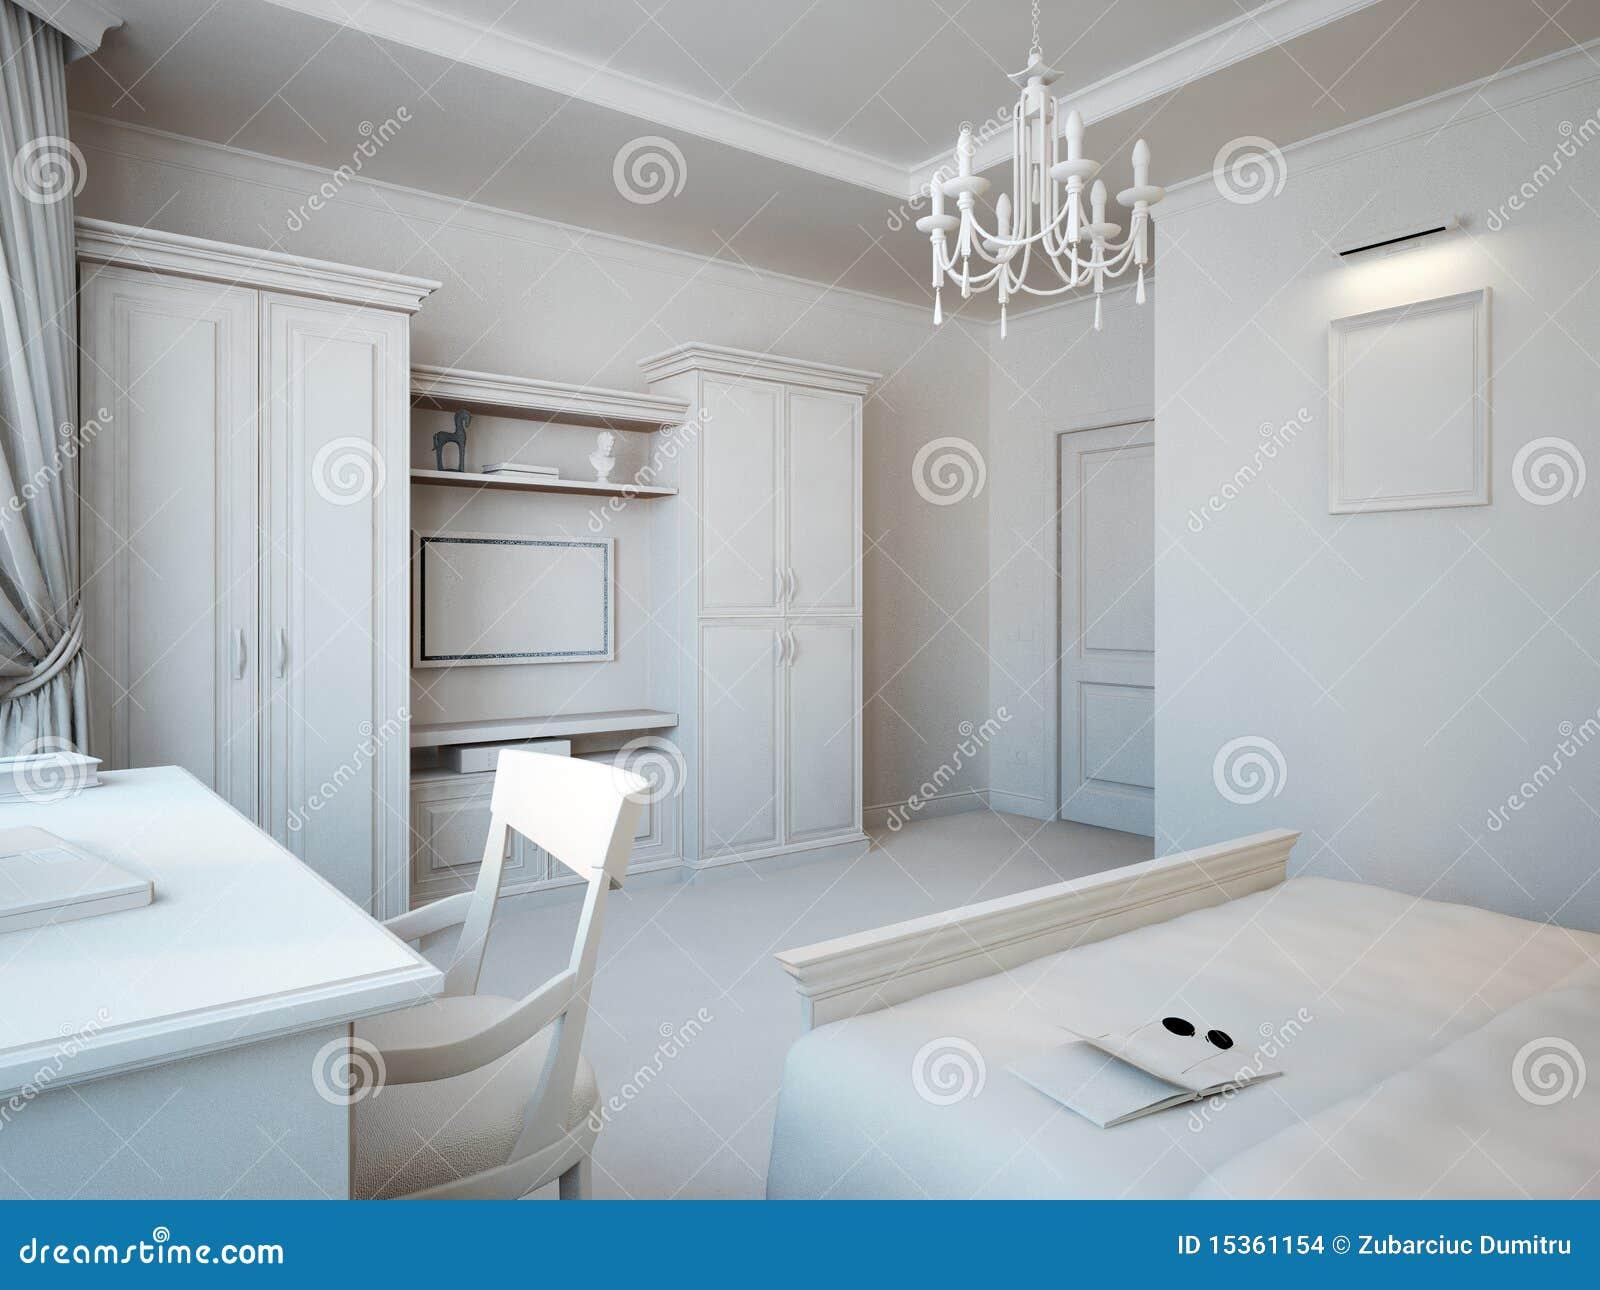 Camere Da Letto Moderne Grigio : Camere da letto moderne rovere ...